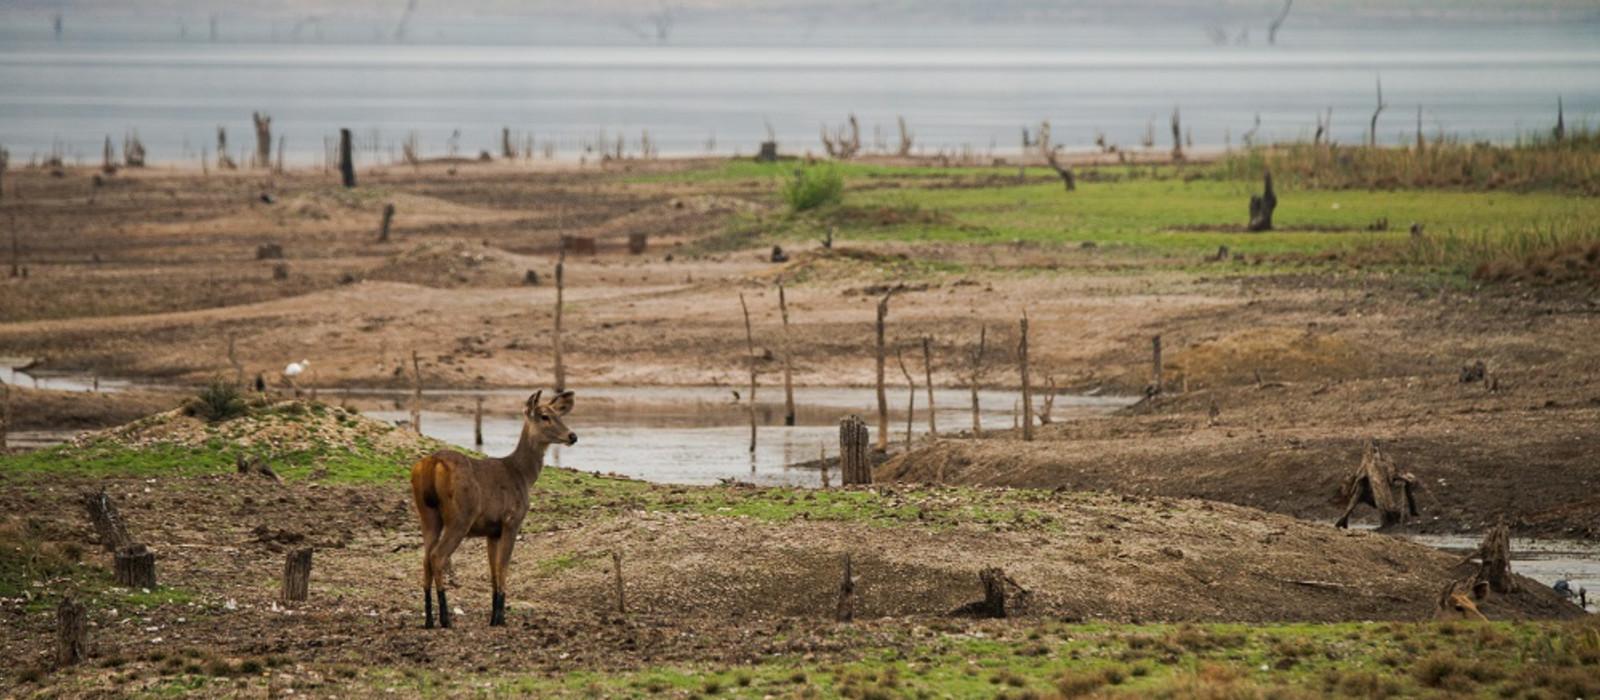 Safarireise in Zentralindien Urlaub 1